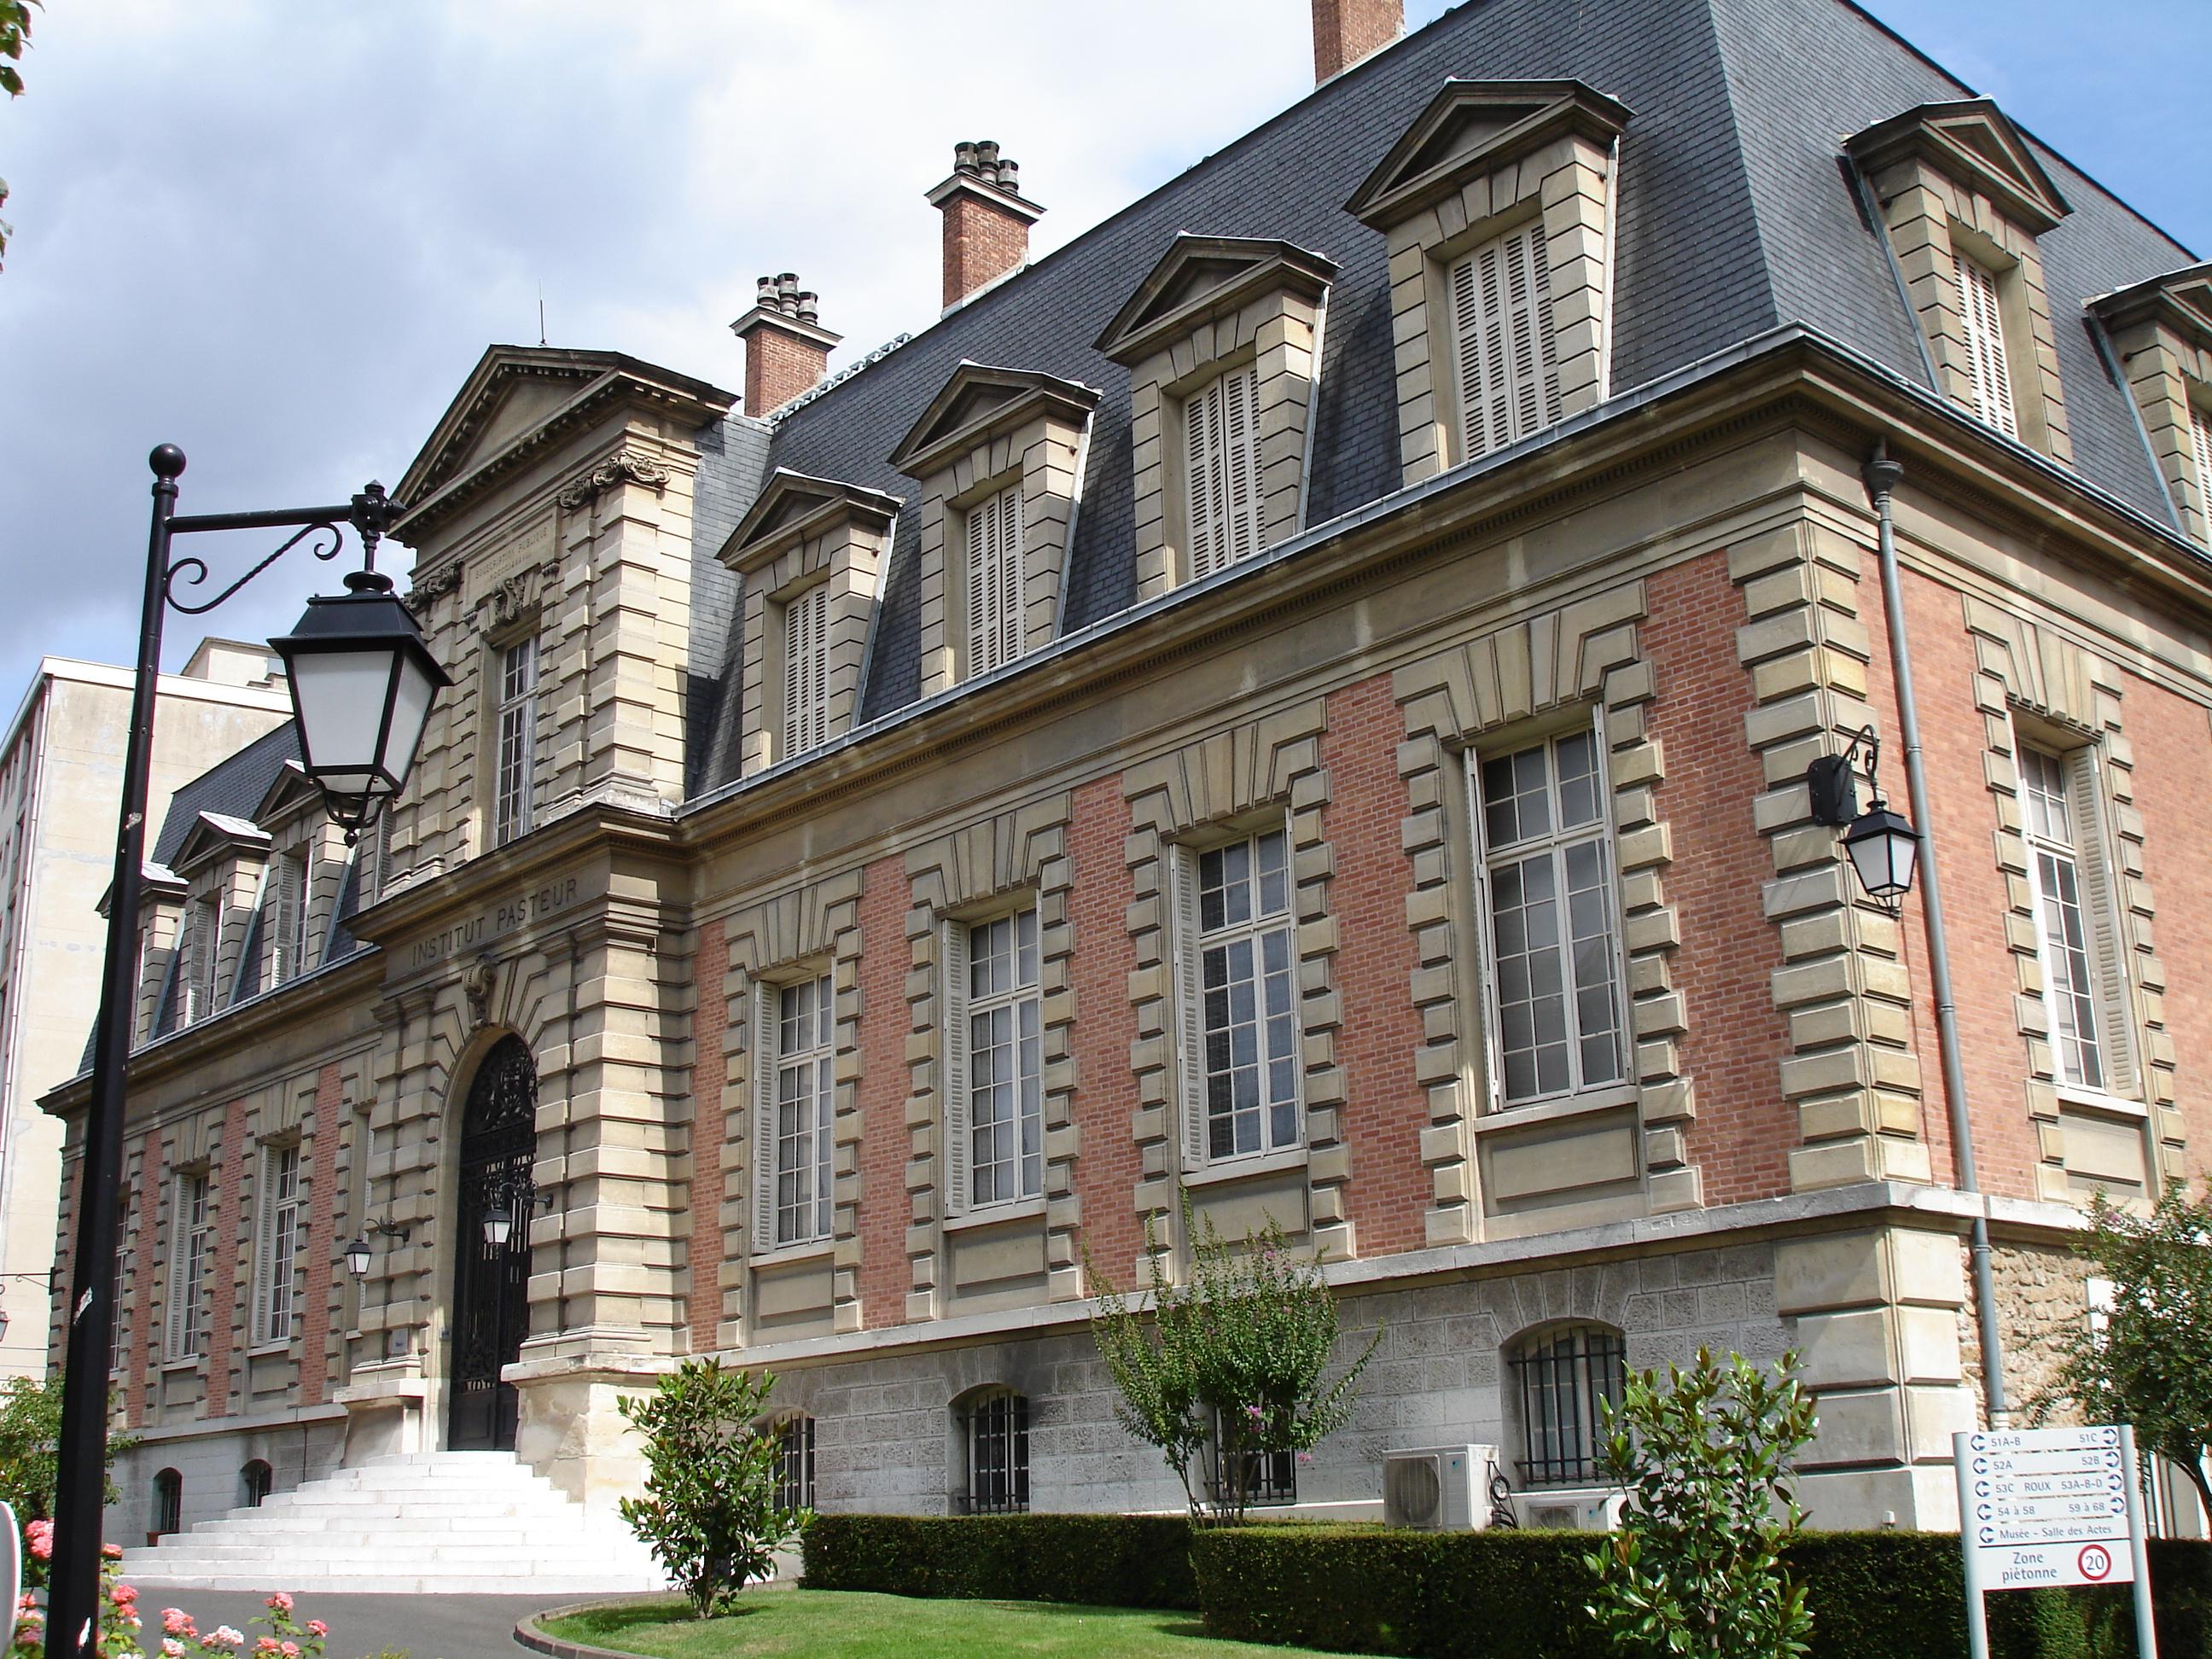 Veja o que saiu no Migalhas sobre Instituto Pasteur